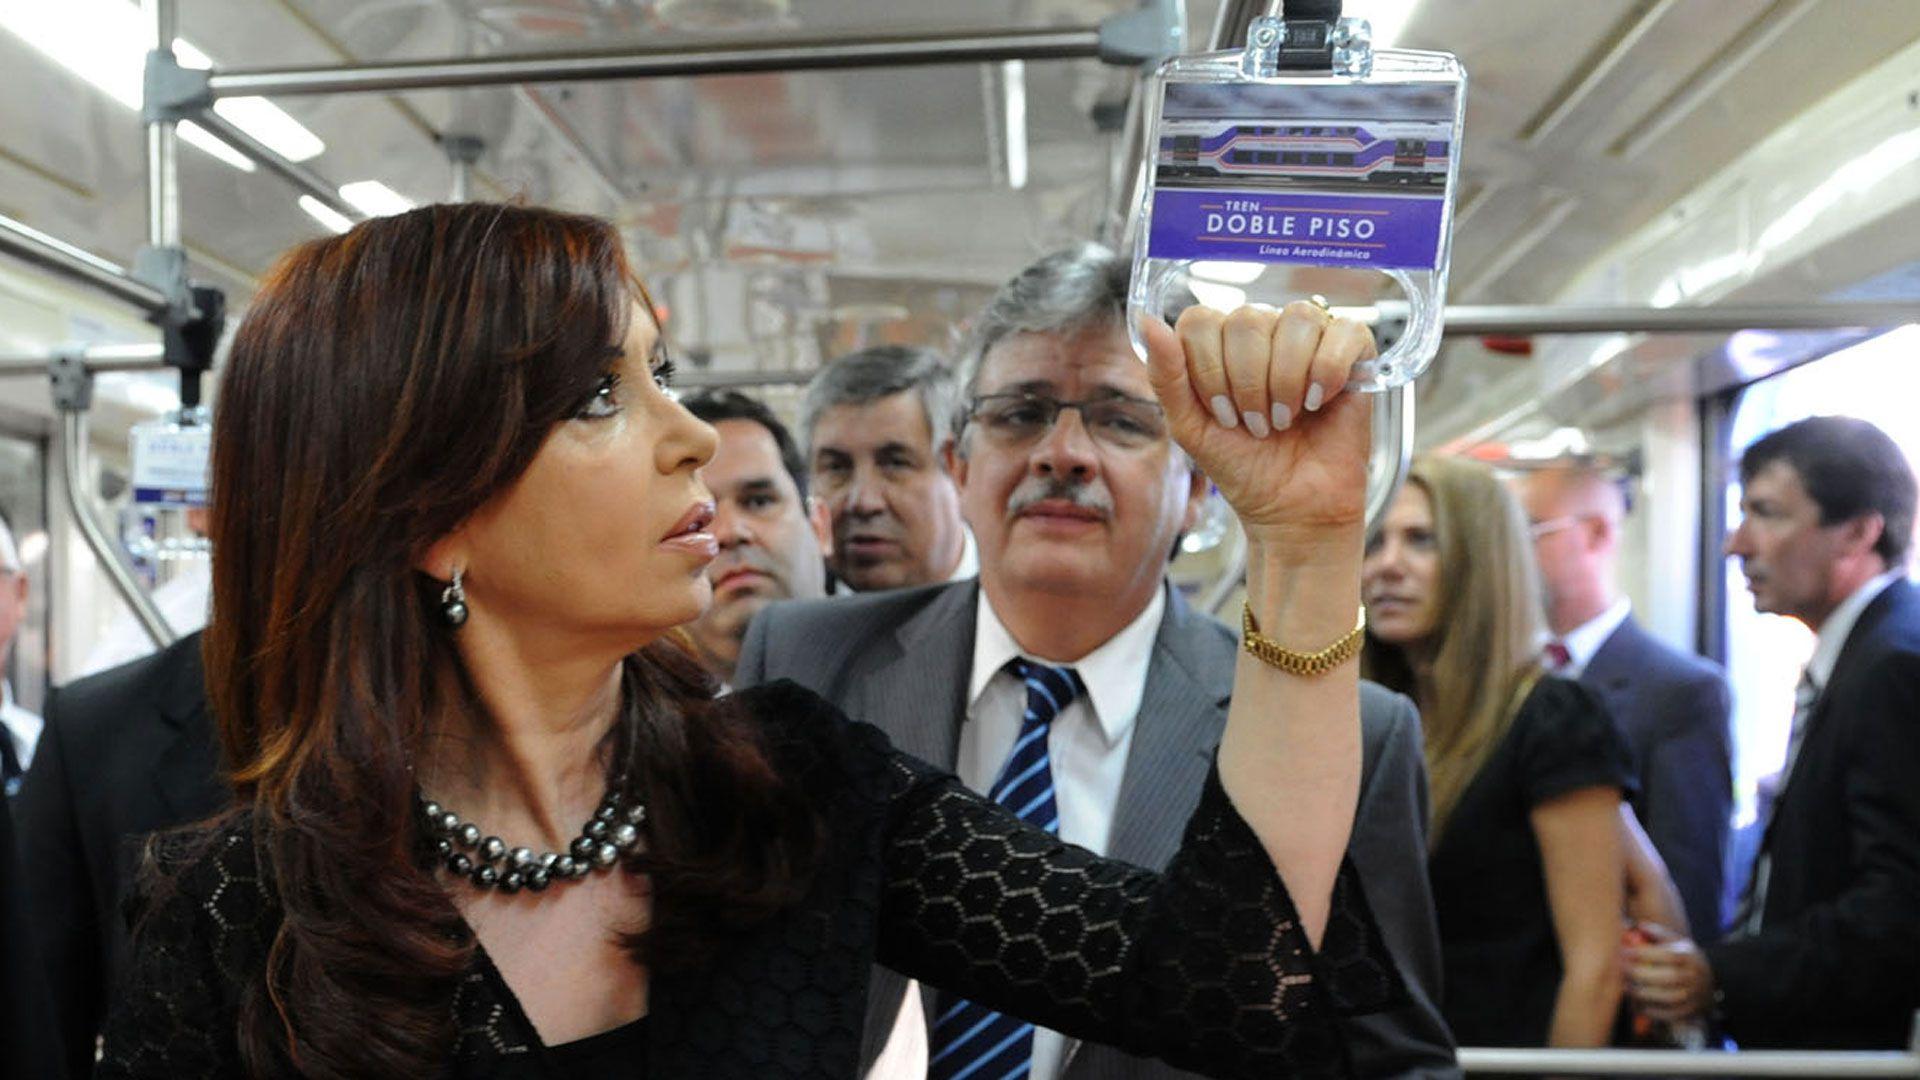 Schiavi fue secretario de Transporte de Cristina Kirchner entre julio de 2009 y marzo de 2012